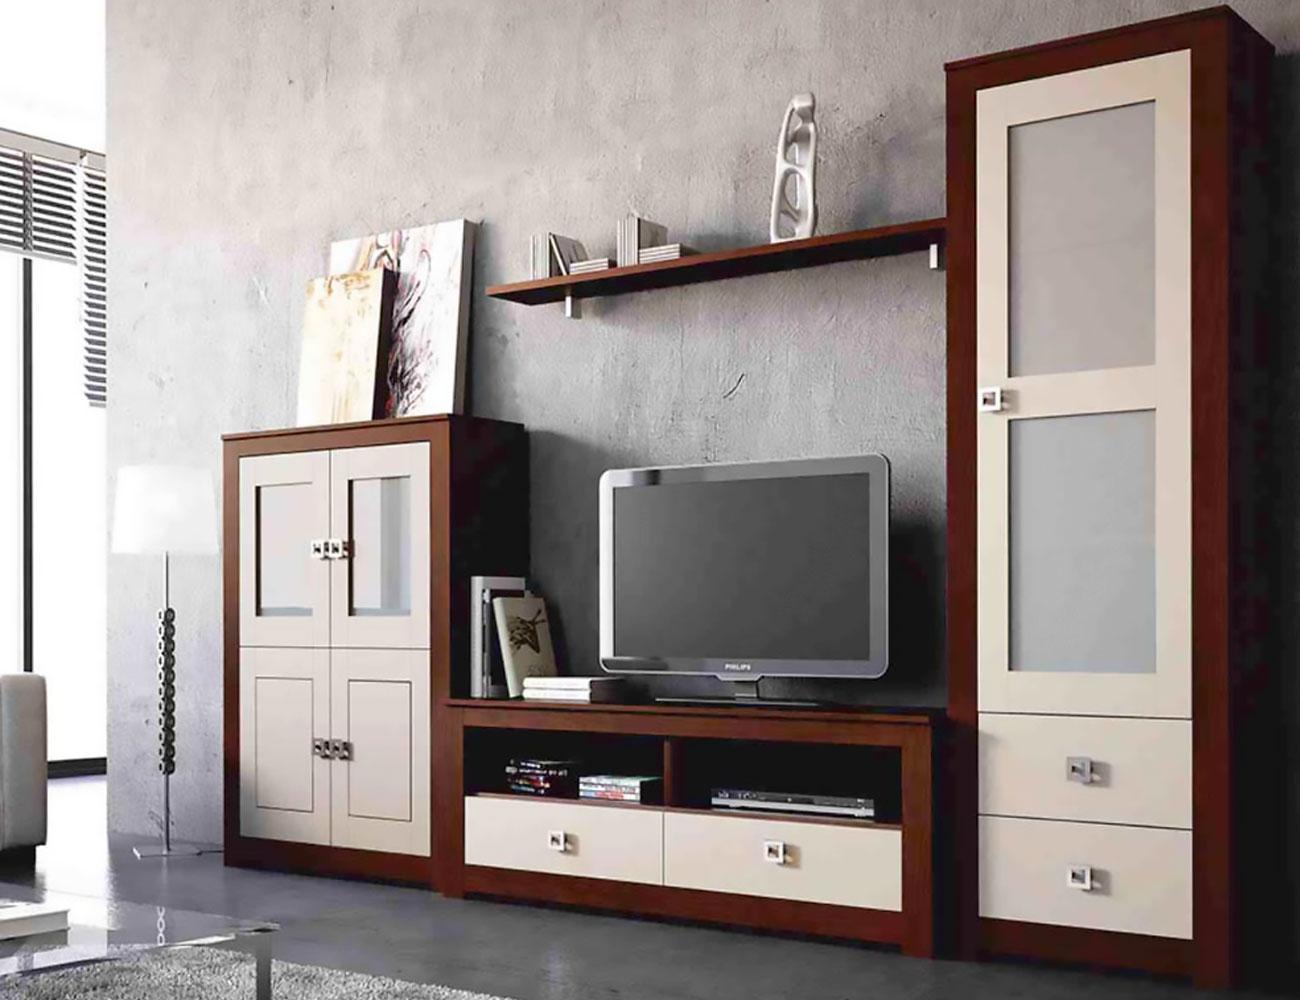 Mueble salon modular  nogal piedra madera dm1